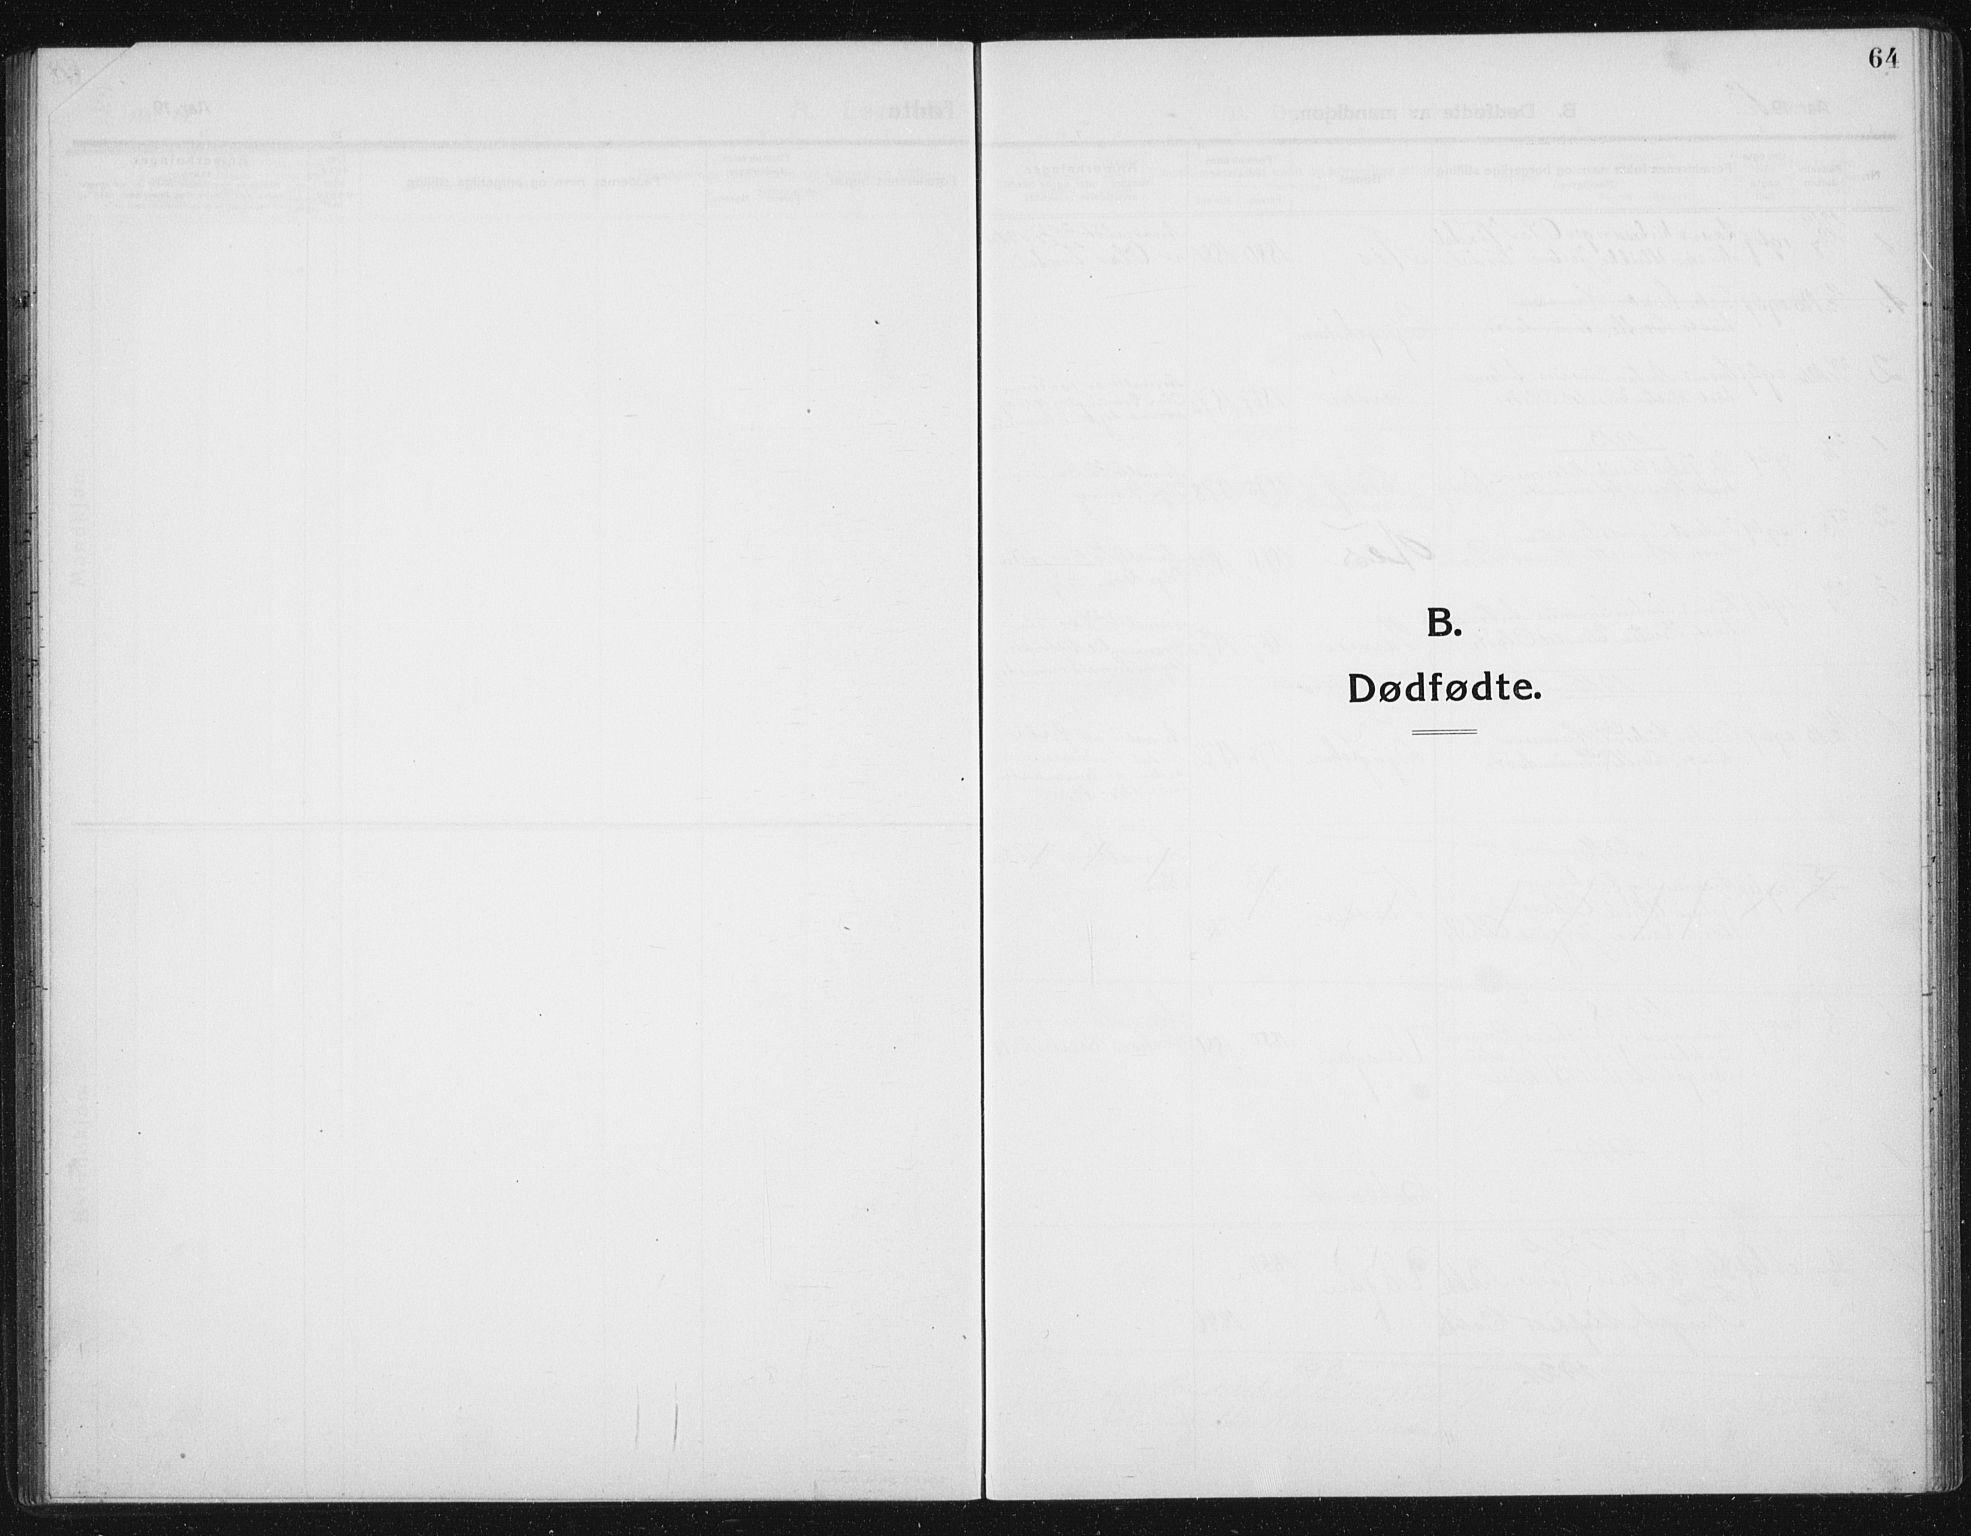 SAT, Ministerialprotokoller, klokkerbøker og fødselsregistre - Sør-Trøndelag, 652/L0654: Klokkerbok nr. 652C02, 1910-1937, s. 64